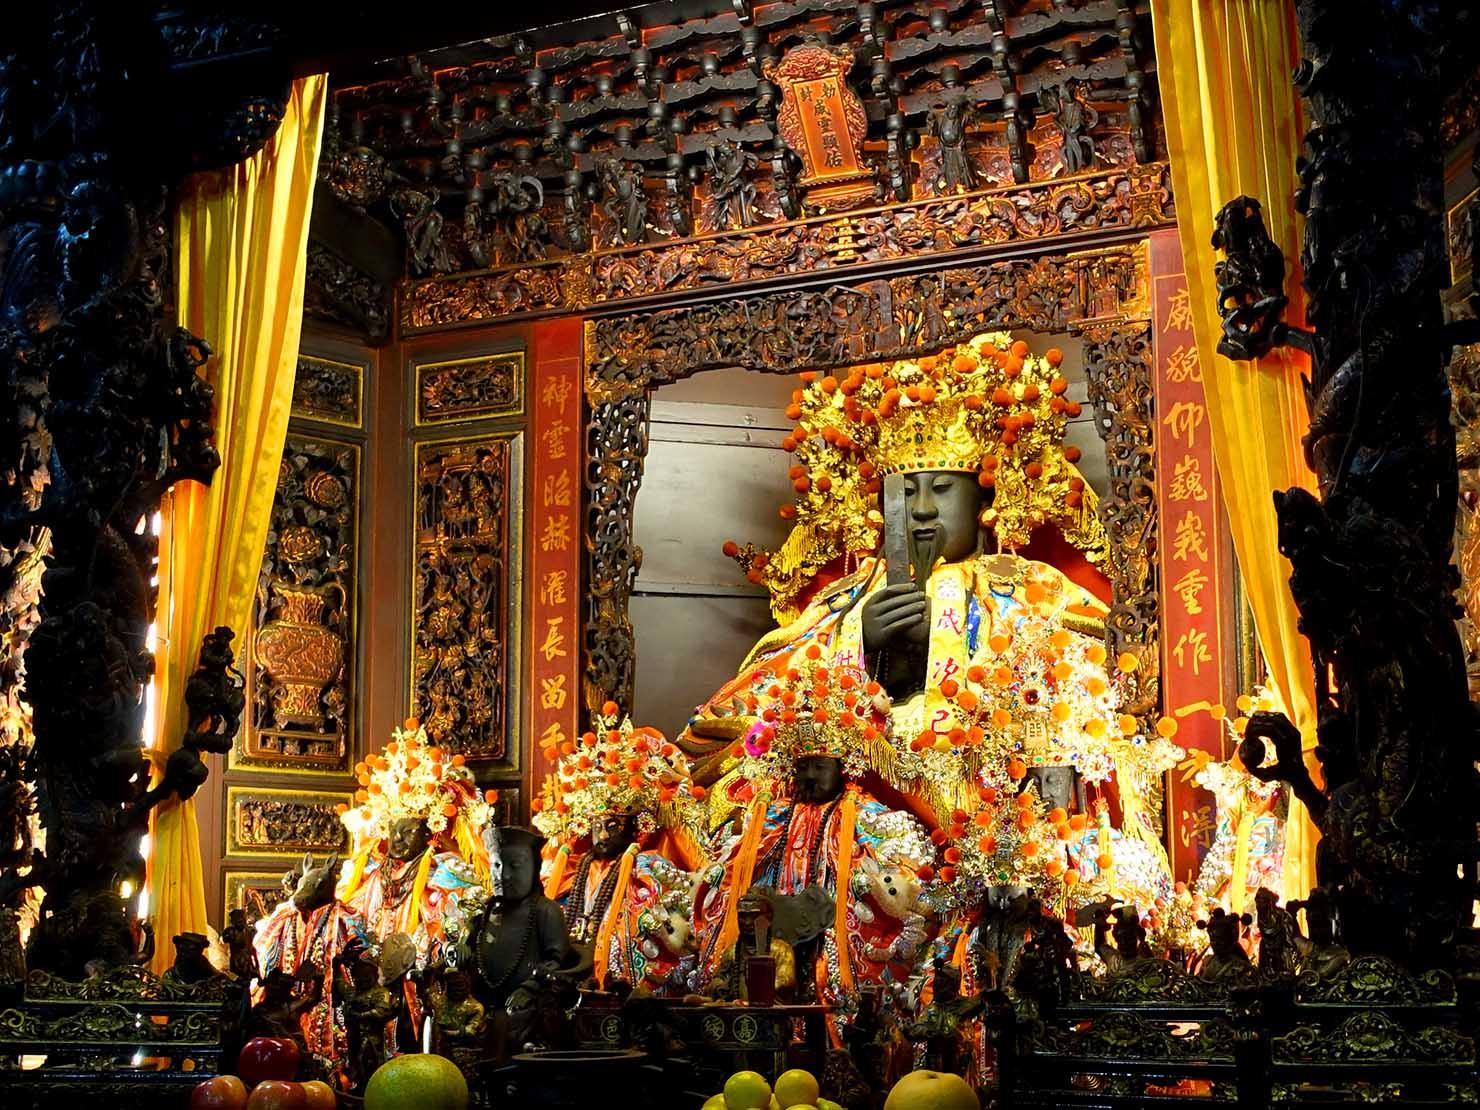 嘉義のおすすめ観光スポット「嘉義城隍廟」の正殿に鎮座する威靈公